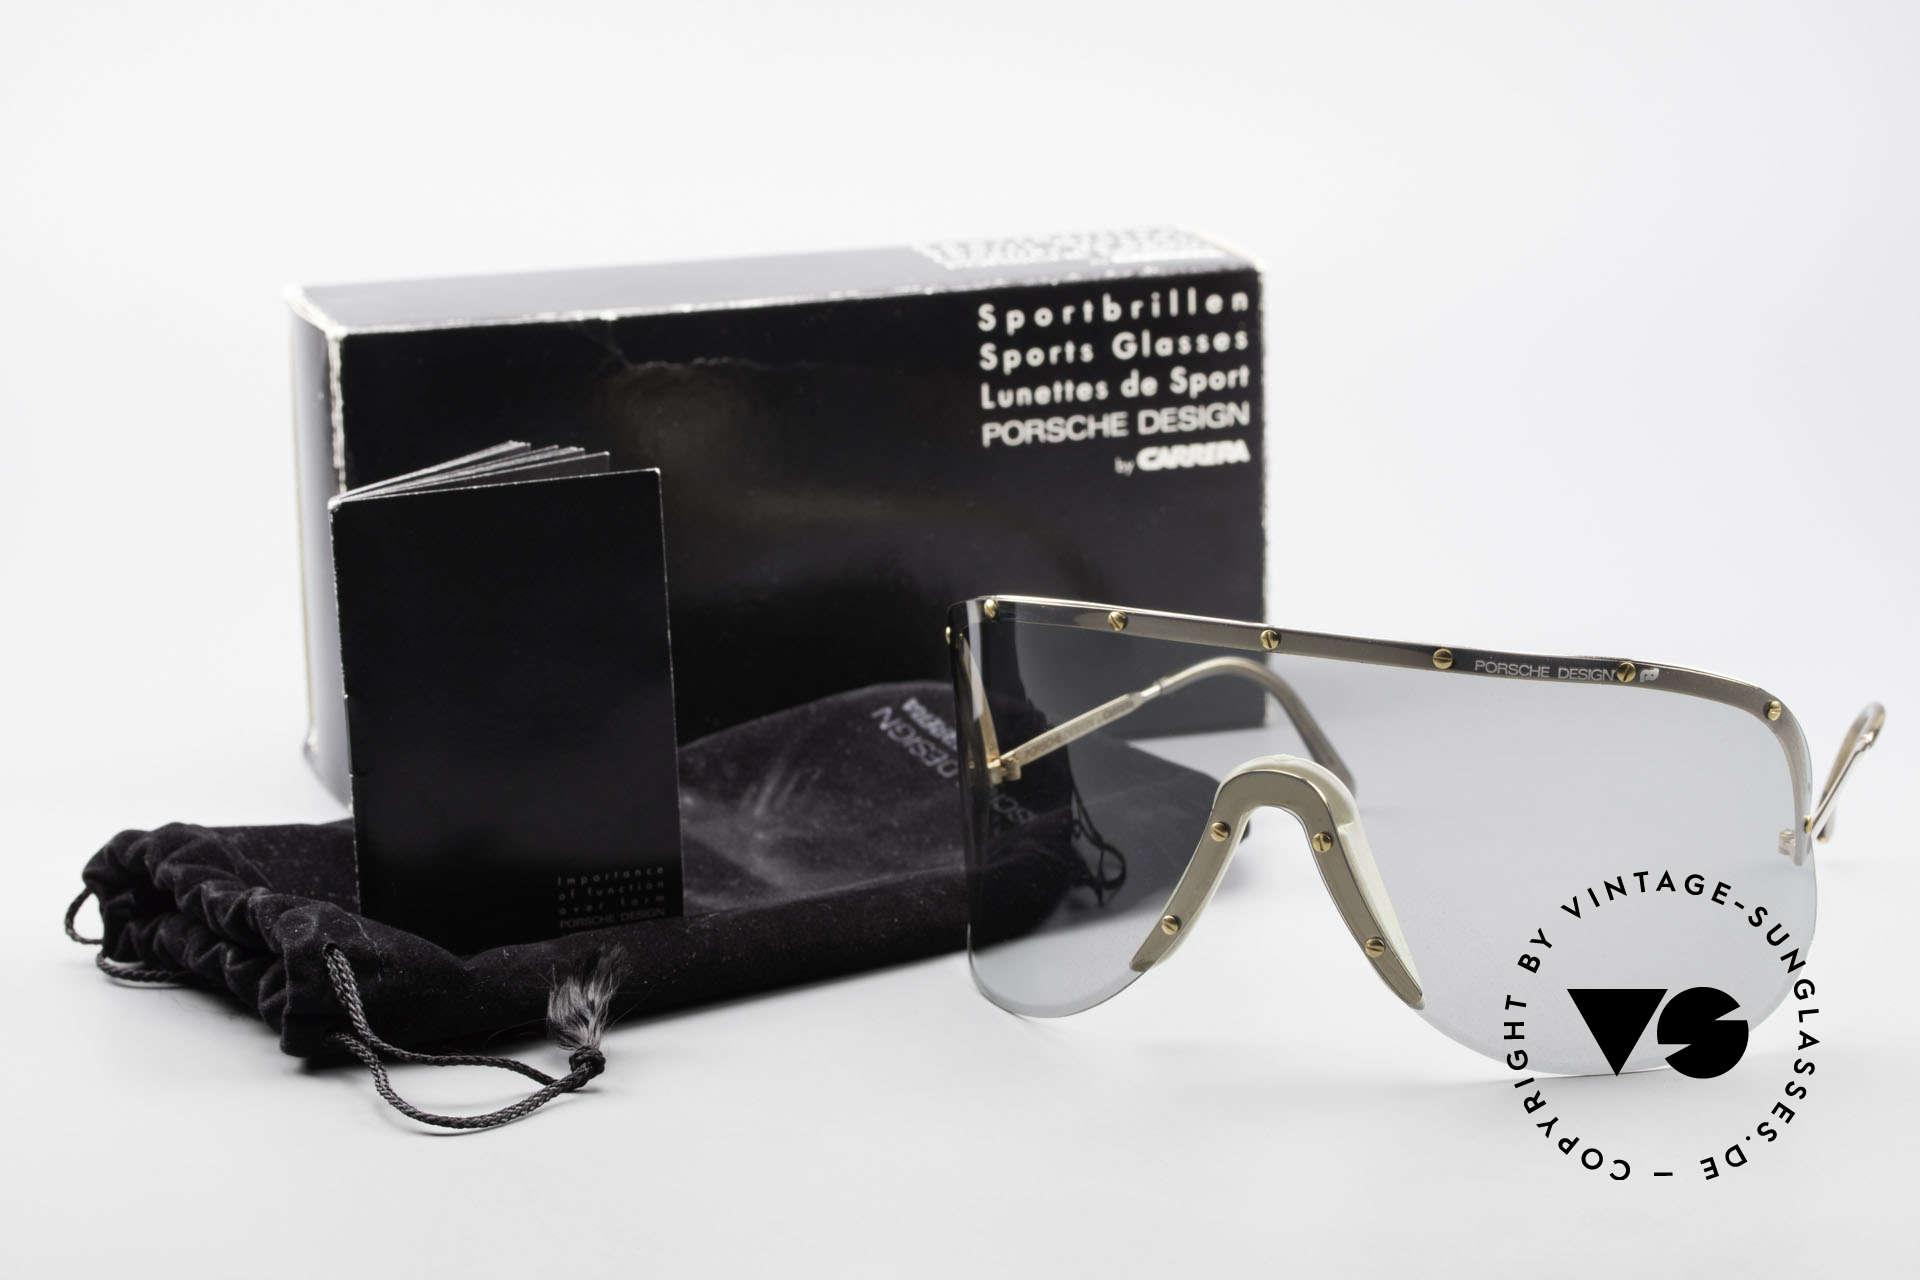 Porsche 5620 Yoko Ono Sonnenbrille Gold, inzwischen von diversen Promis (Madonna, etc) getragen, Passend für Herren und Damen